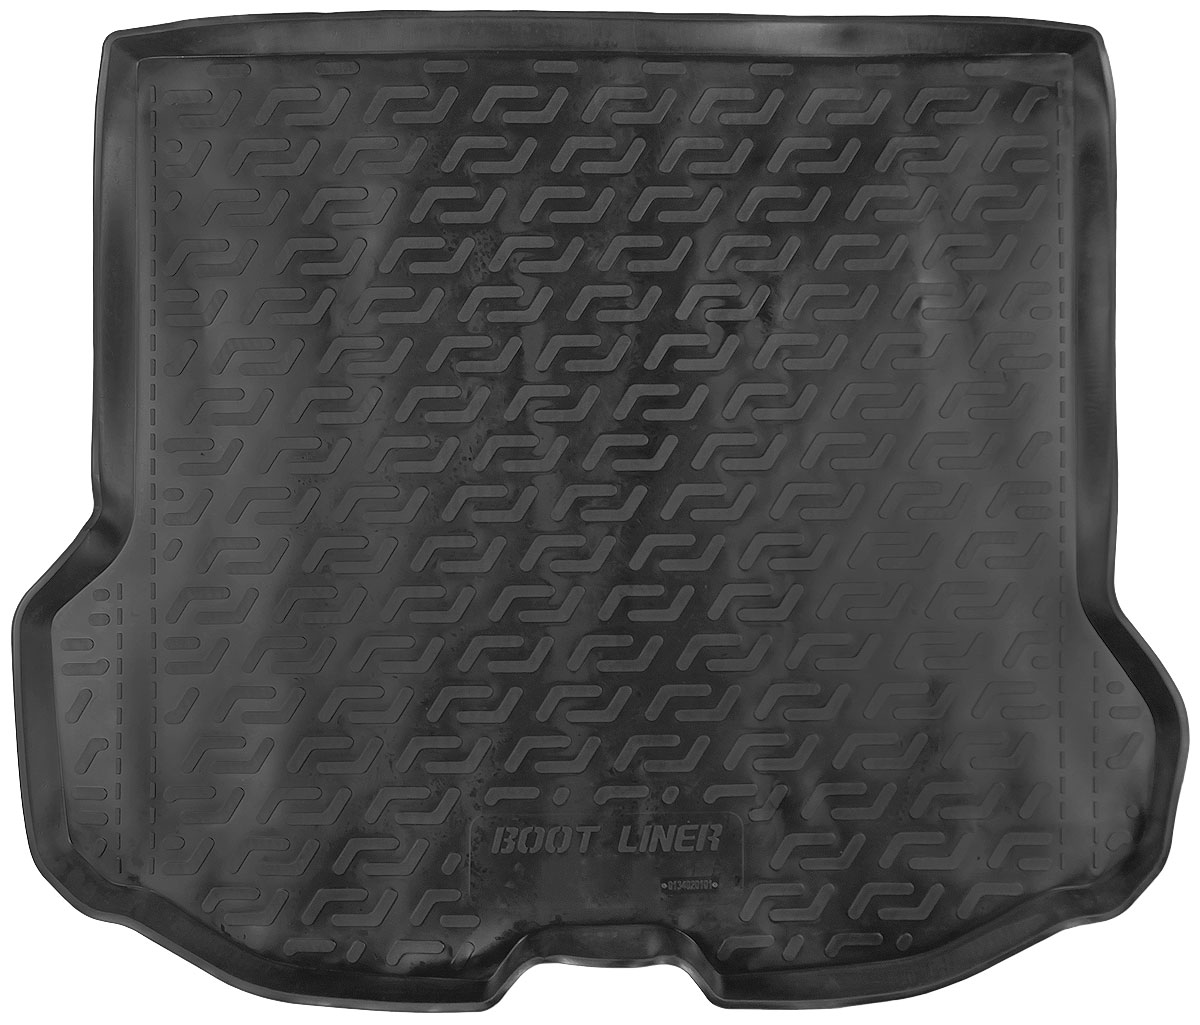 Коврик в багажник L.Locker, для Volvo XC70 (07-)0134020101Коврик L.Locker производится индивидуально для каждой модели автомобиля из современного и экологически чистого материала. Изделие точно повторяет геометрию пола автомобиля, имеет высокий борт, обладает повышенной износоустойчивостью, антискользящими свойствами, лишен резкого запаха и сохраняет свои потребительские свойства в широком диапазоне температур (от -50°С до +80°С).